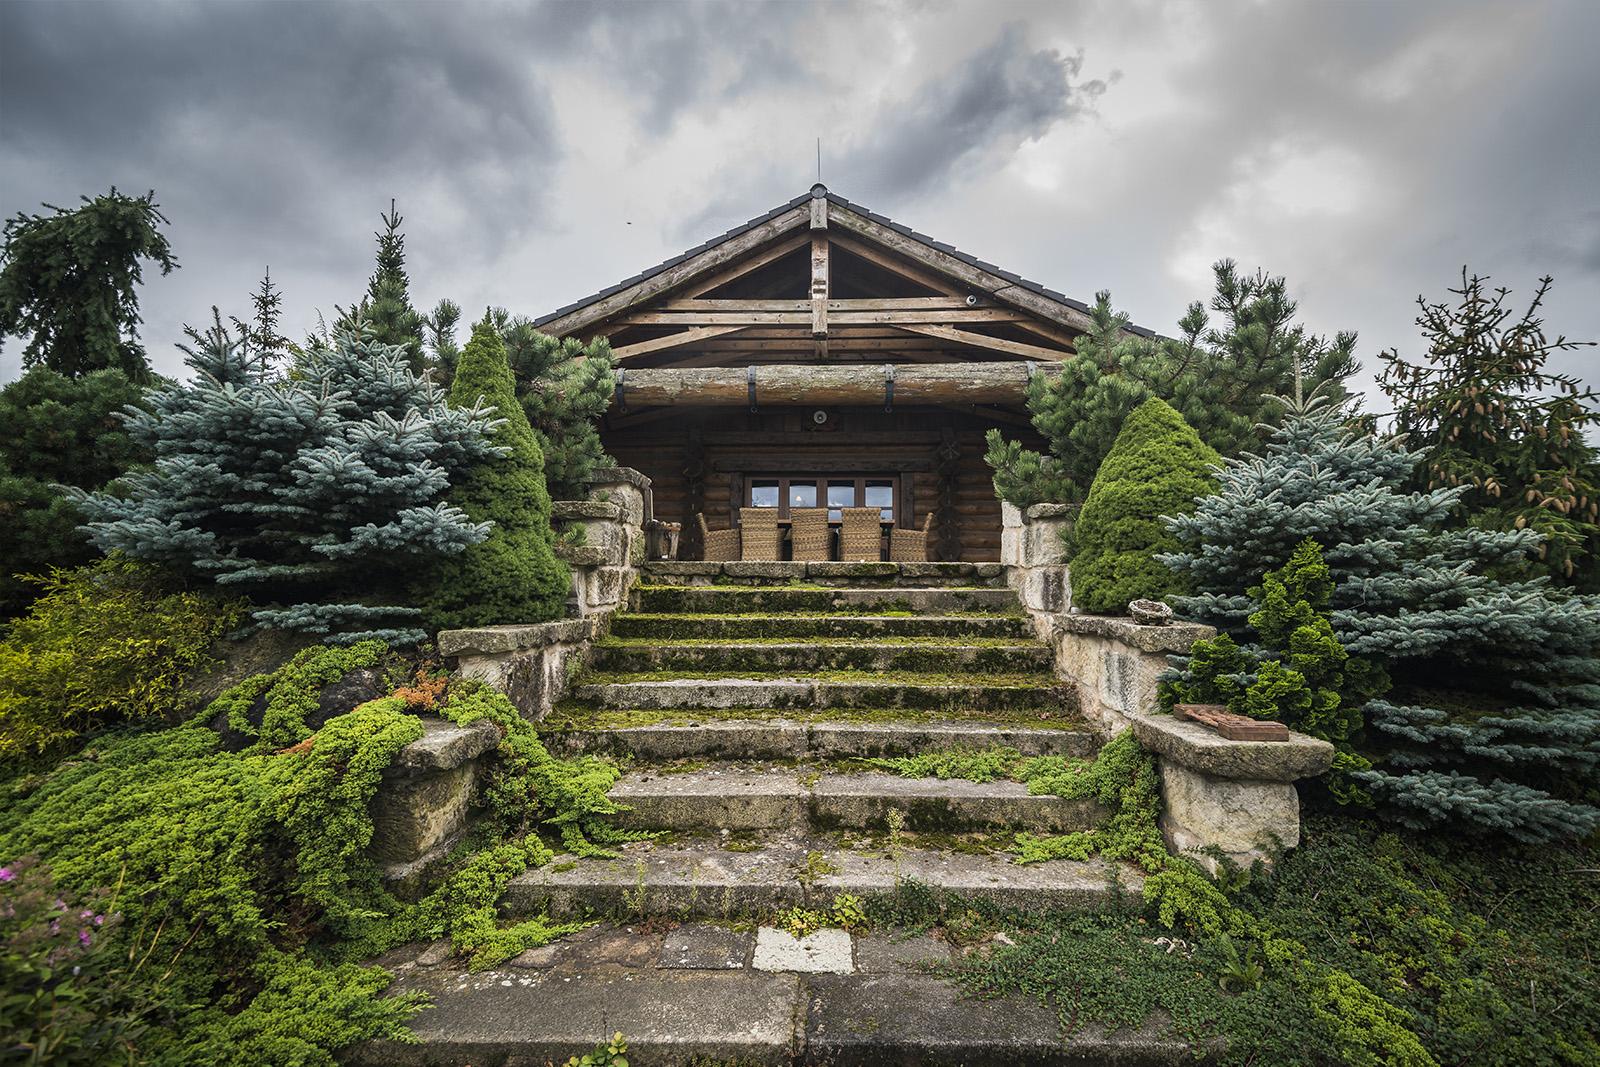 Krásná příroda okolo luxusního srubu Líny